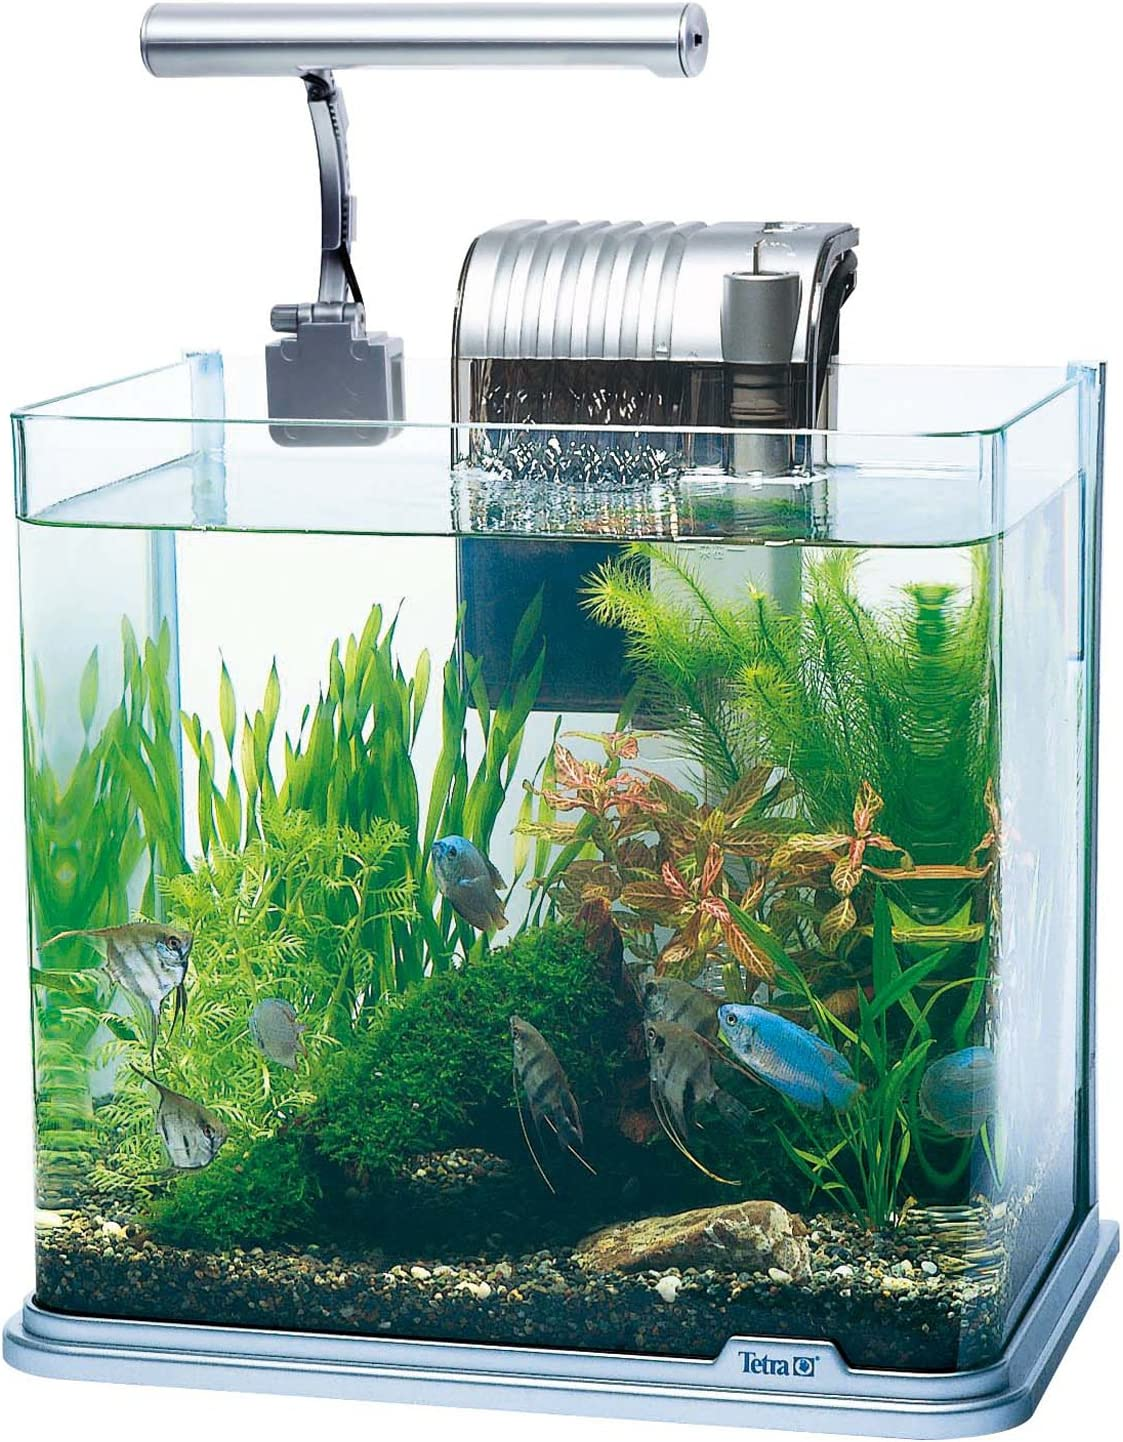 スペクトラム ブランズ ジャパン『テトラ LEDライト付観賞魚飼育セット RG-30LE』